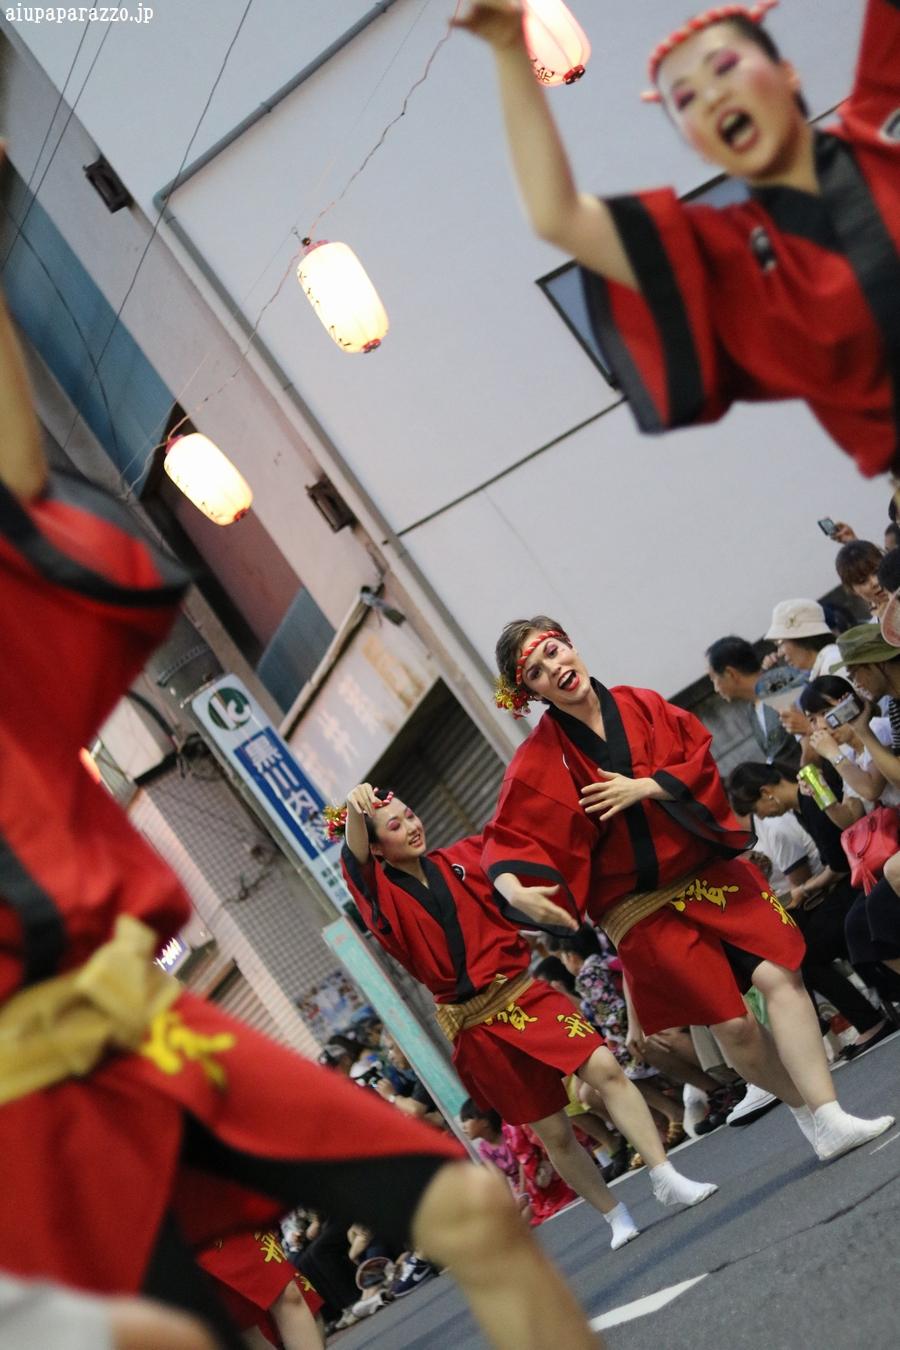 takara2016kitamachi_05.jpg